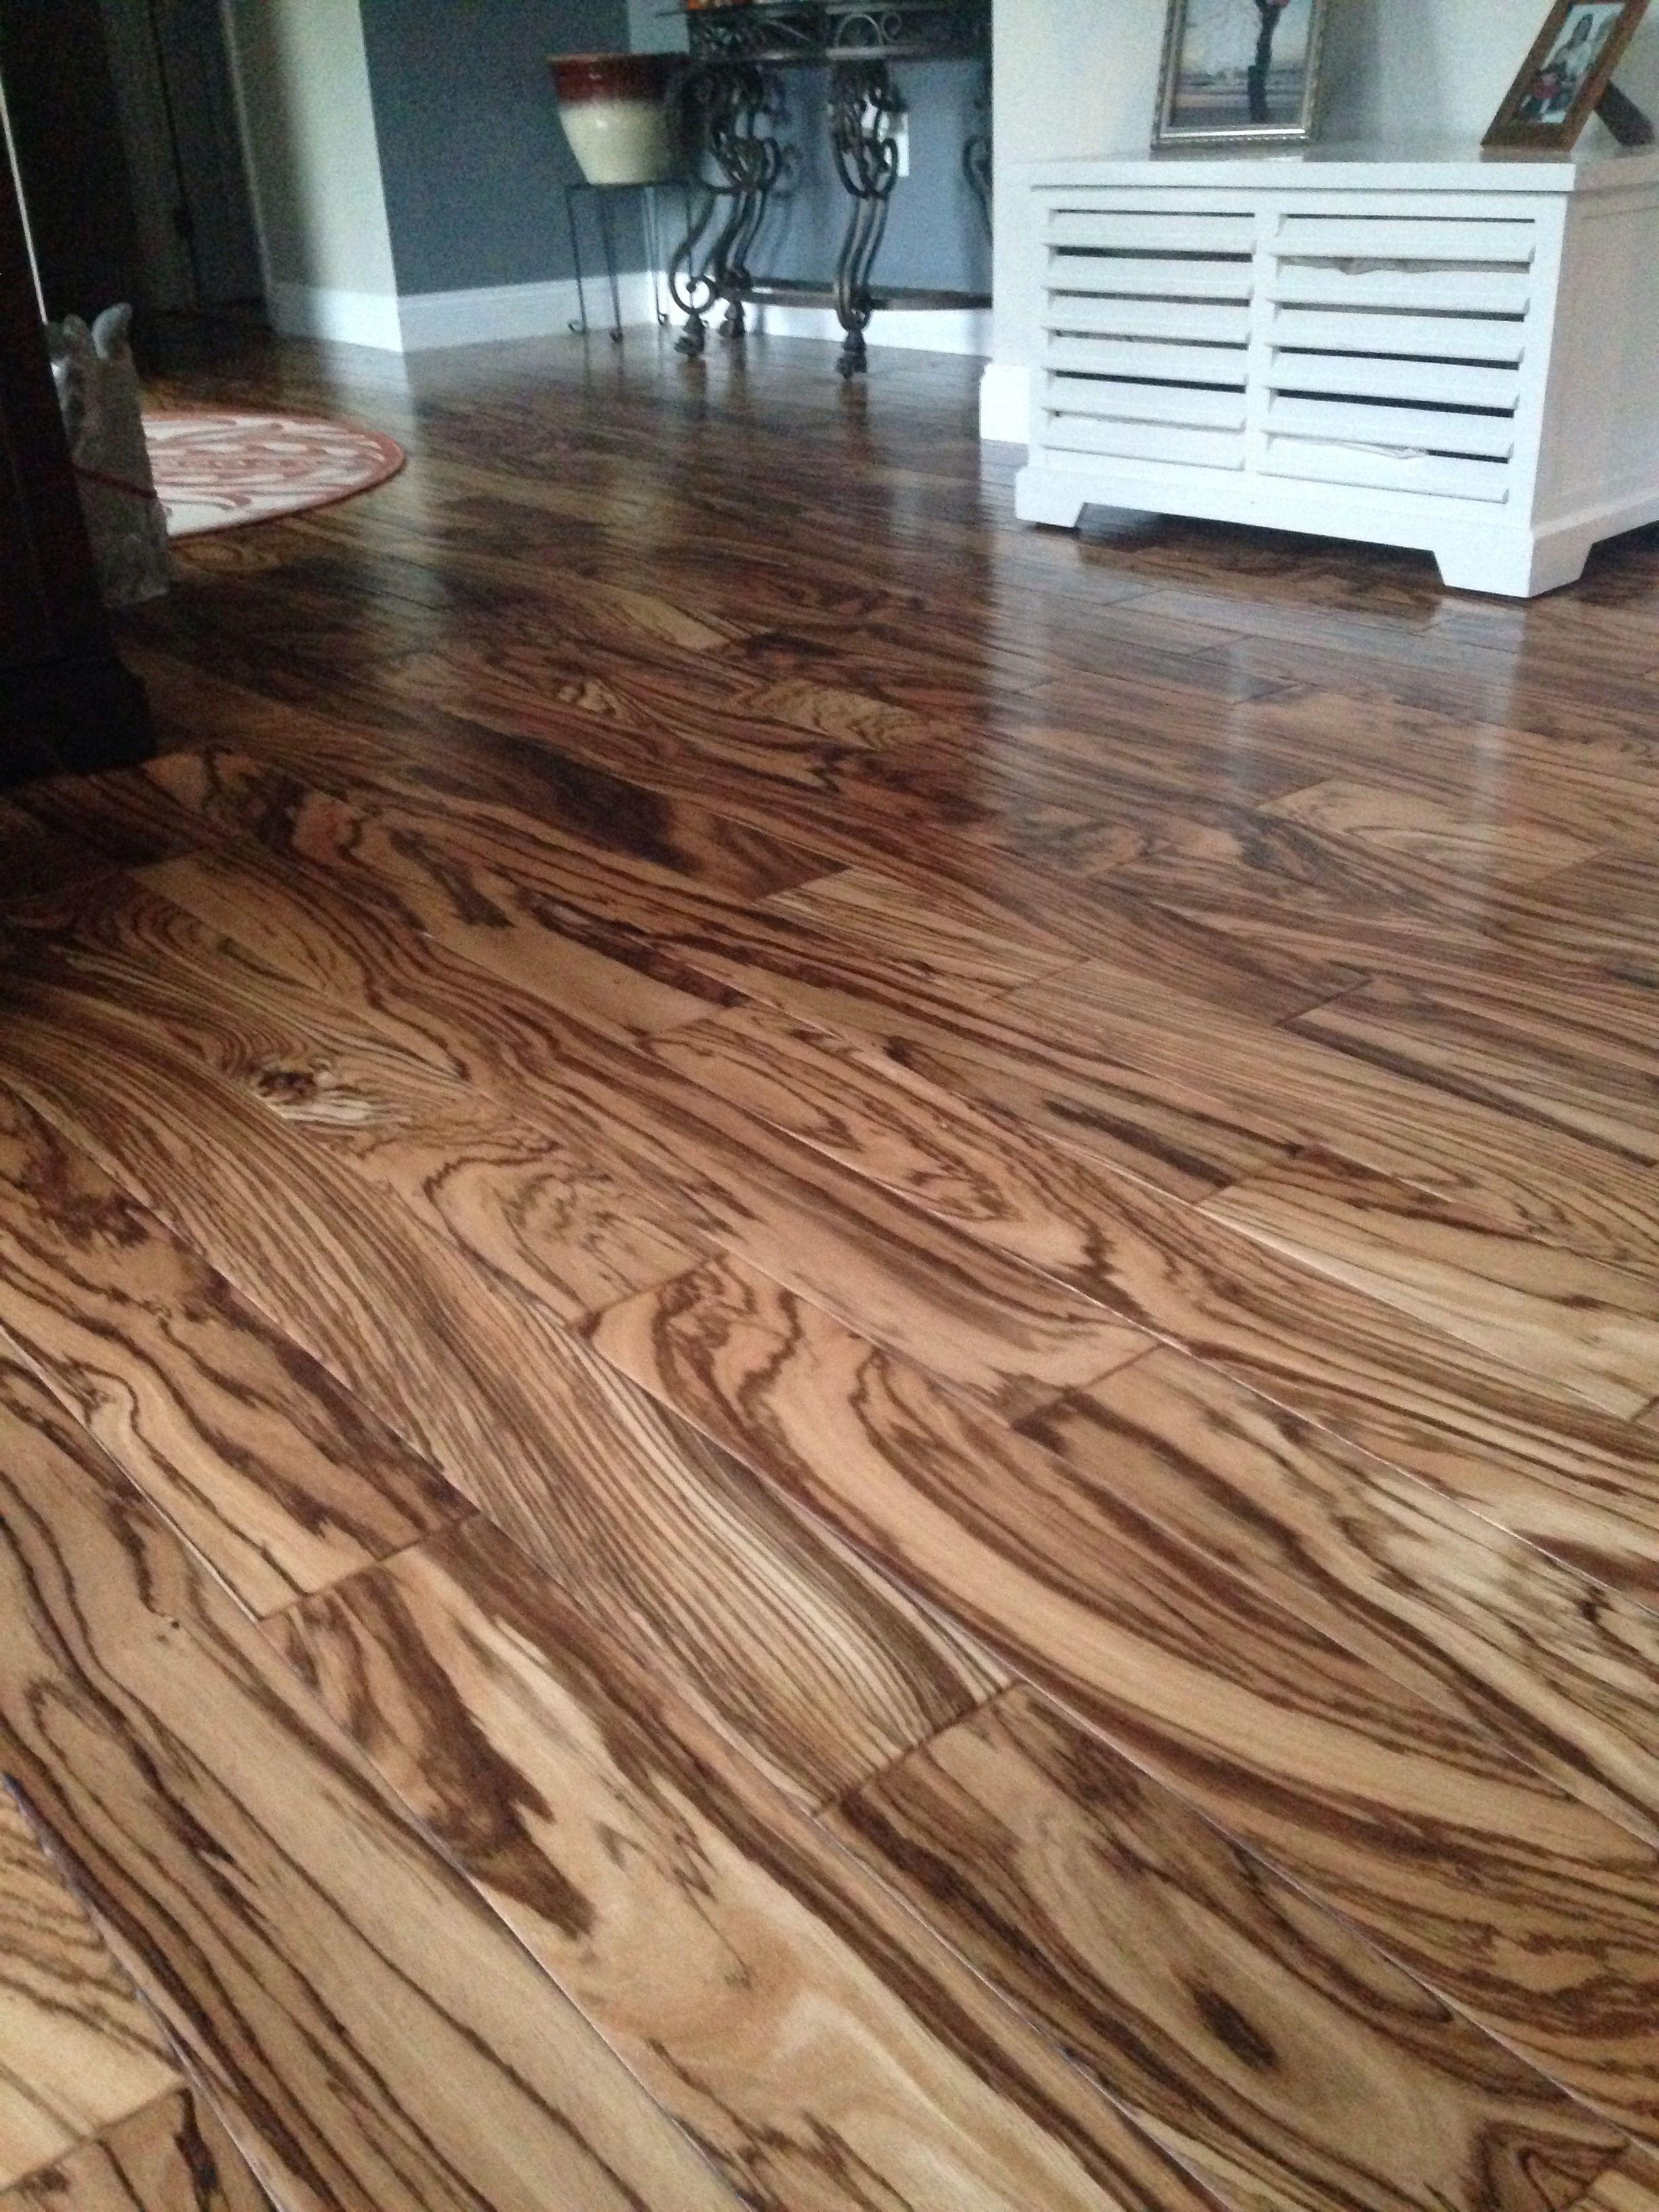 tiger wood hardwood flooring tiger wood hardwood floors FCRTKGZ